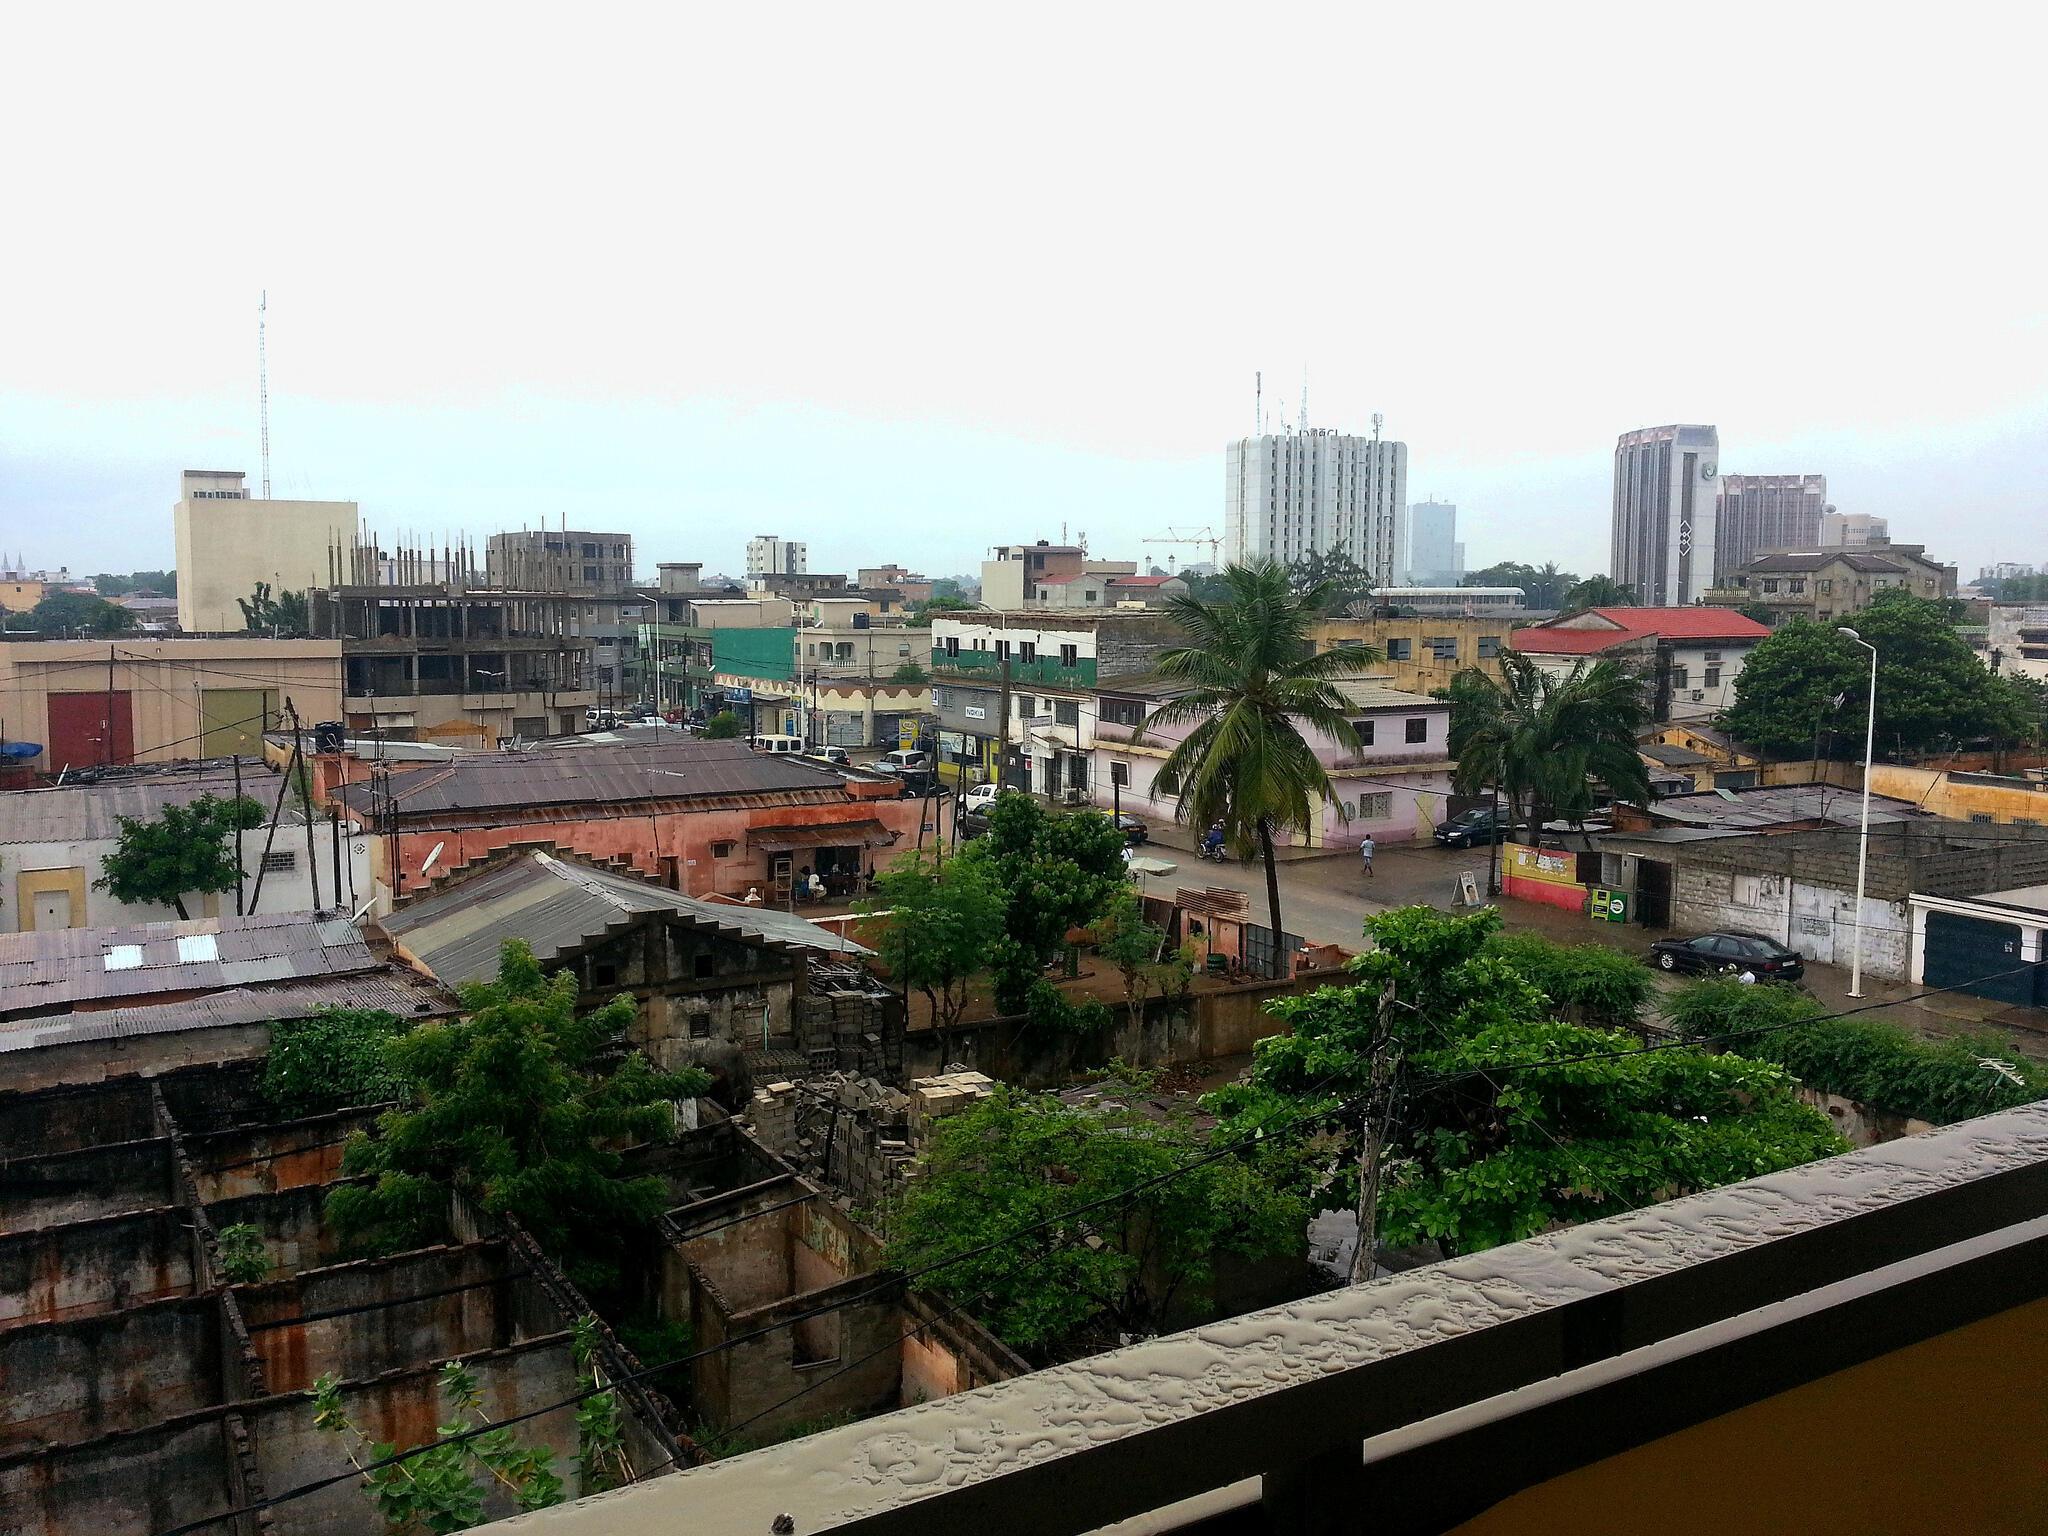 Vue de Lomé. Sénamé Koffi entend allier l'esprit de solidarité déjà présent dans les villes et villages africains à la modernité des starts-up.